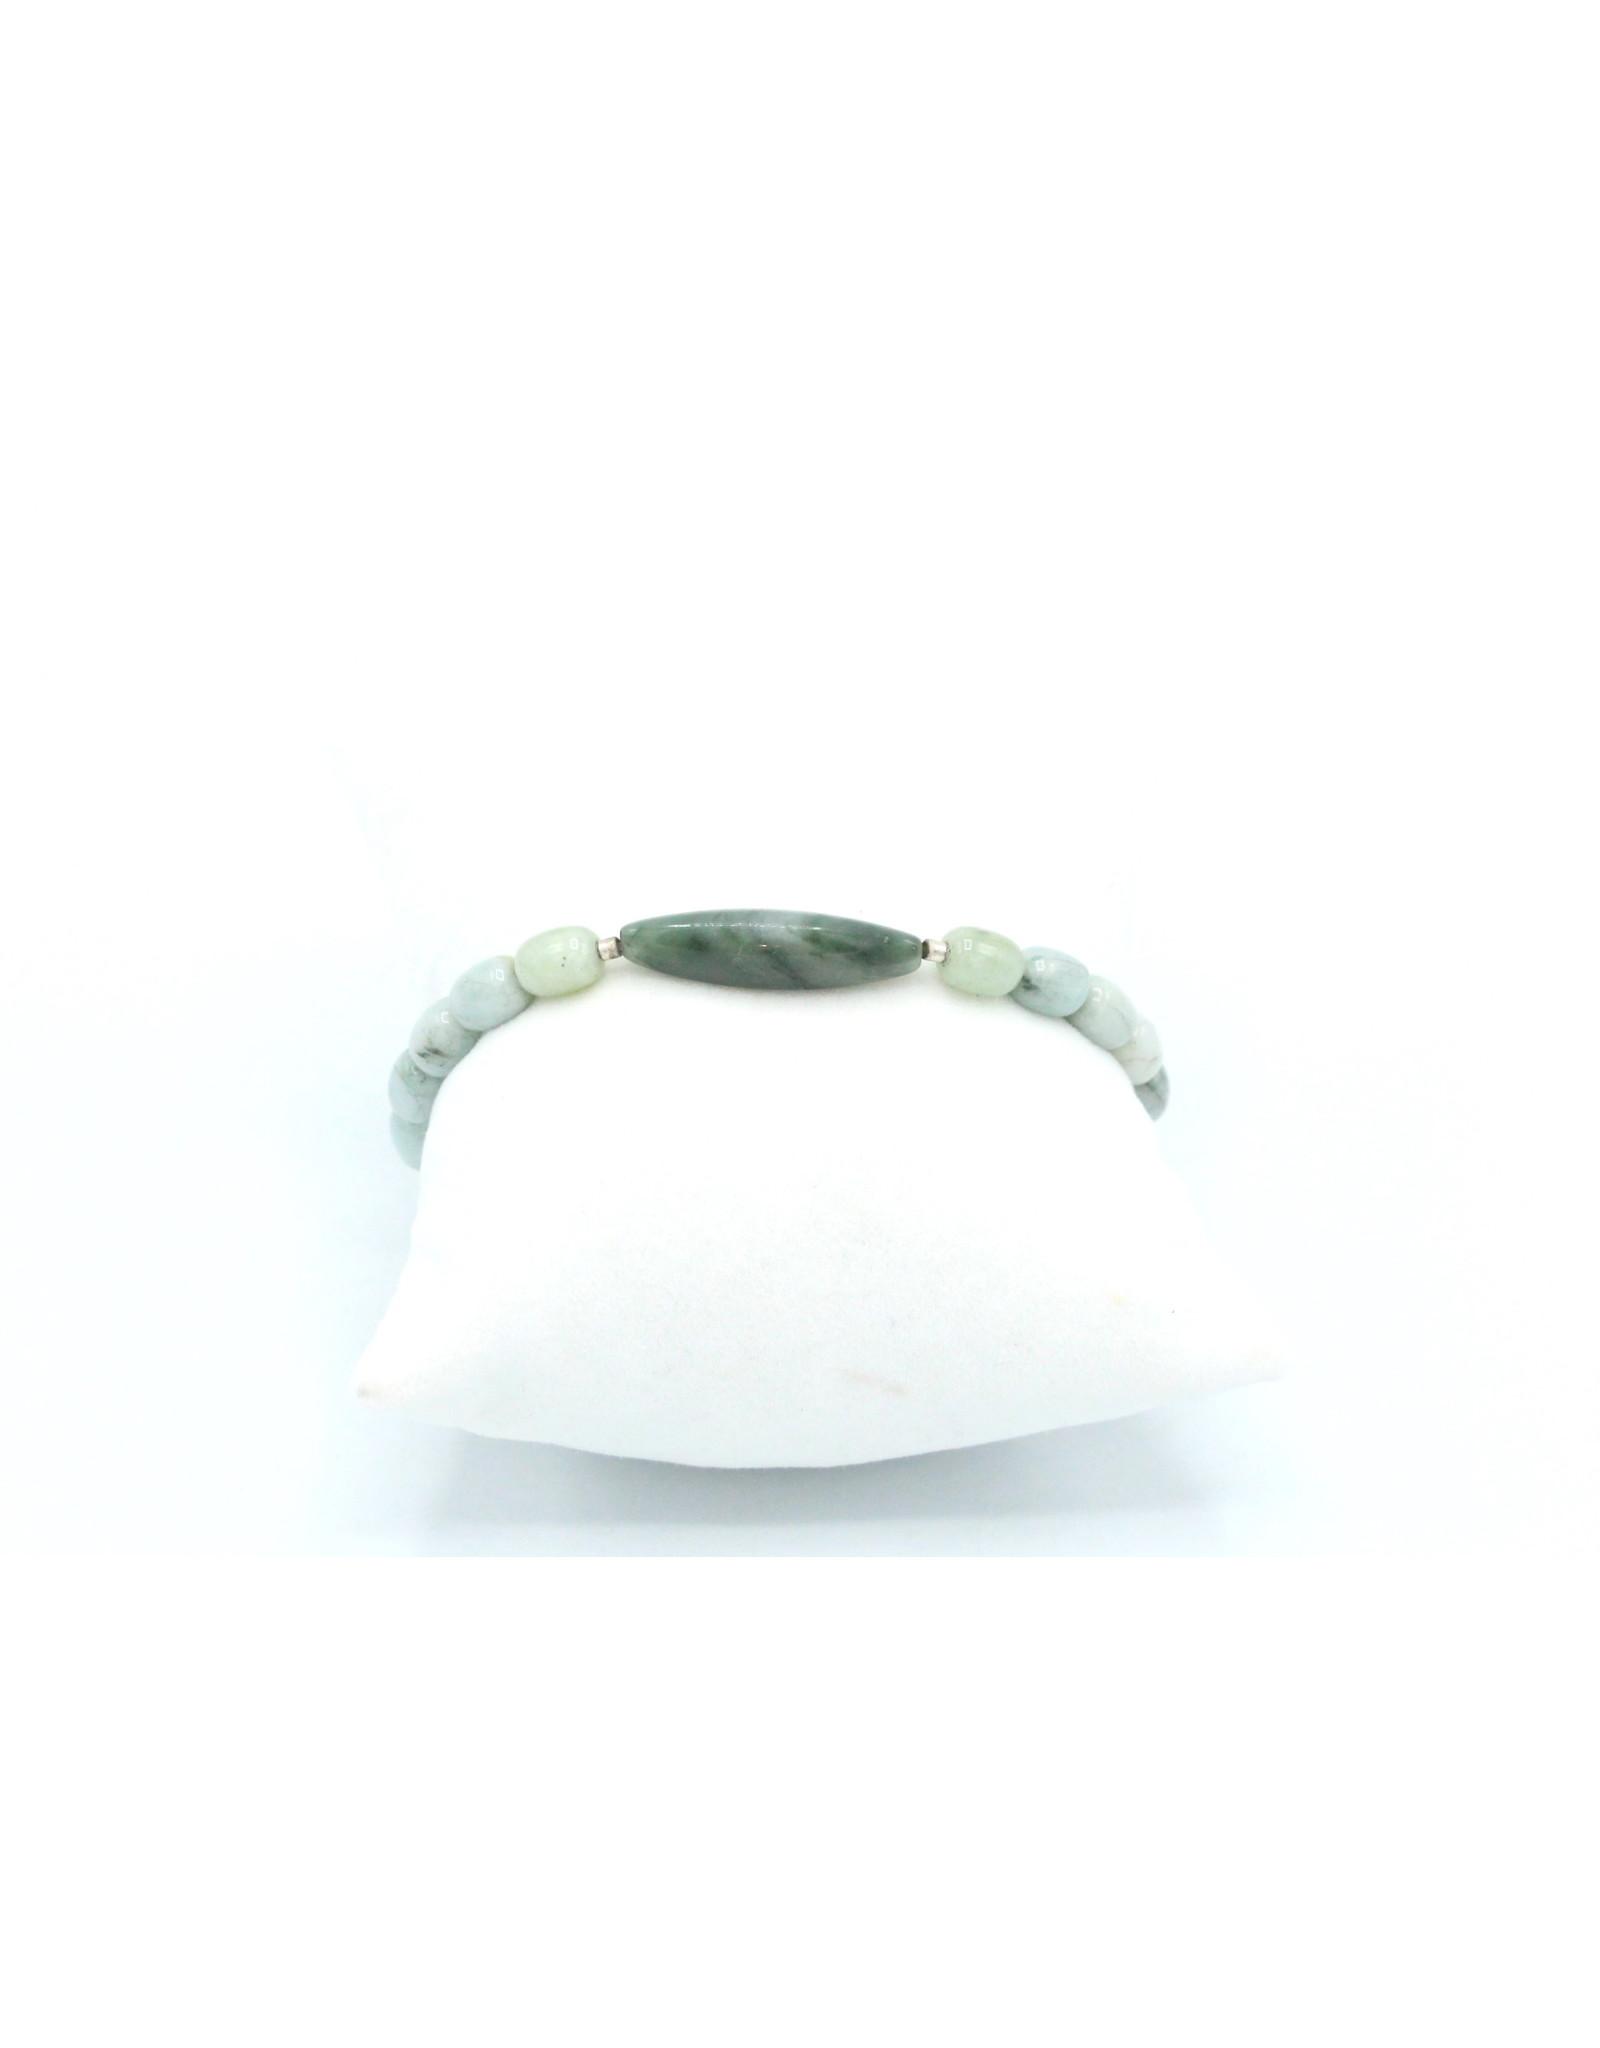 Agate Mousse and Amazonite Bracelet - BAAMA01